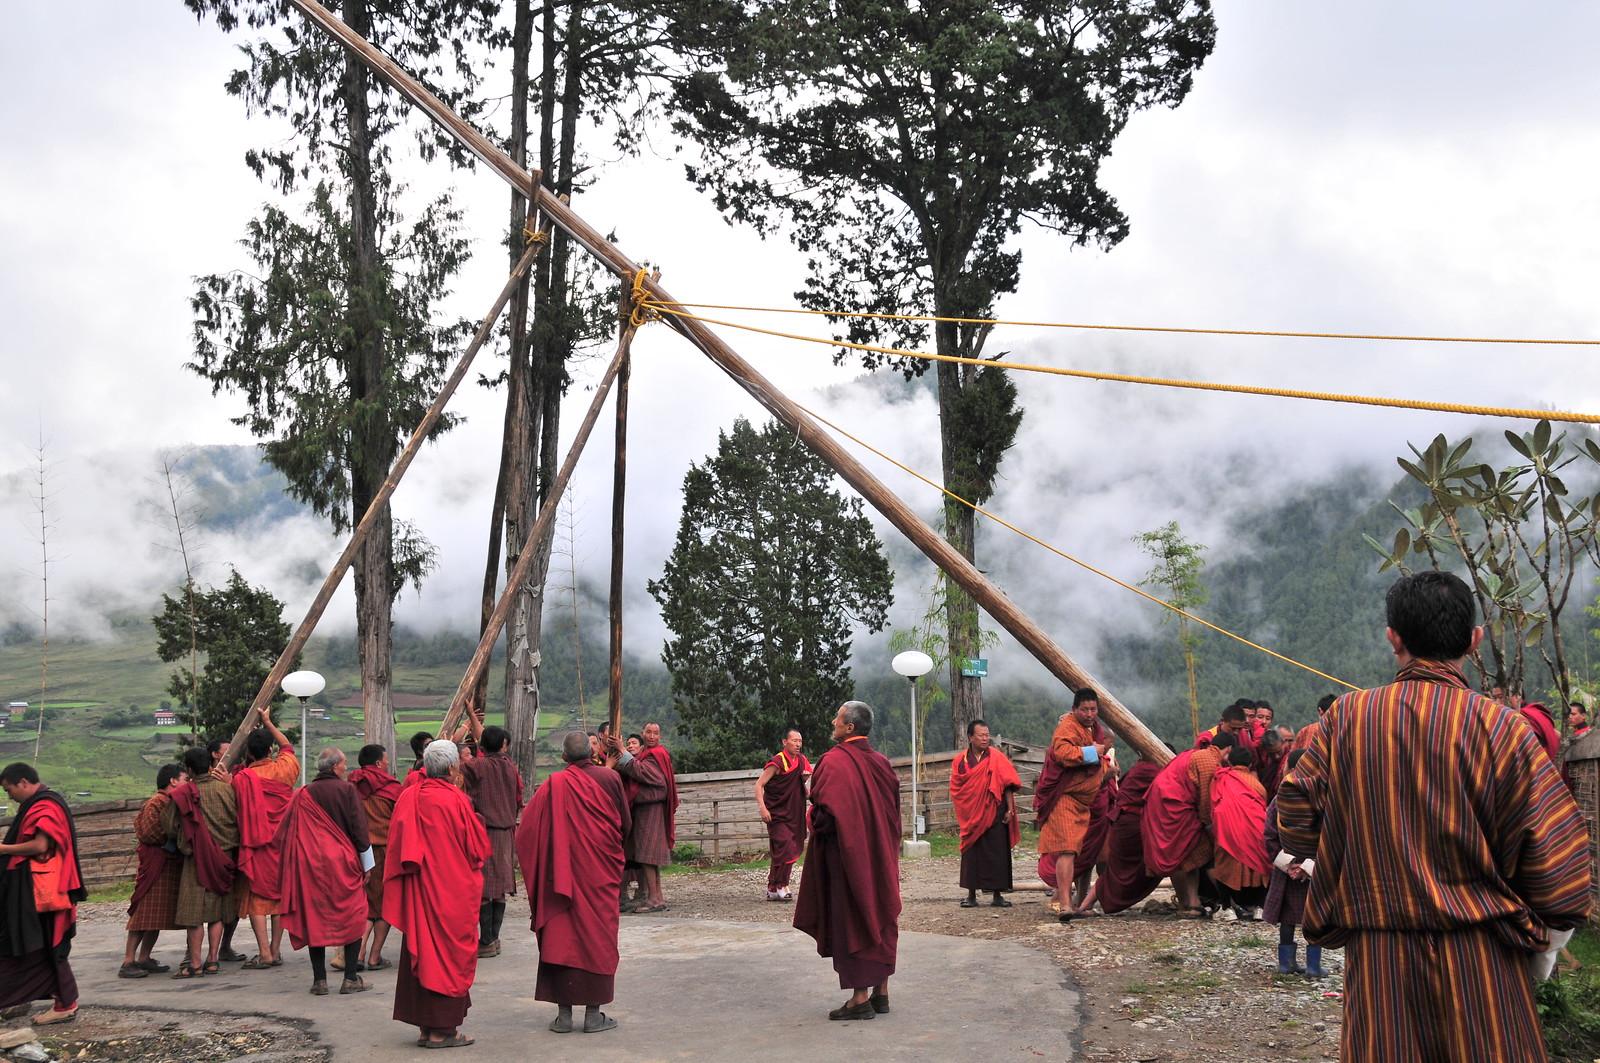 Raising the Flag (Bhutan), Nikon D300, AF-S DX VR Zoom-Nikkor 18-200mm f/3.5-5.6G IF-ED [II]